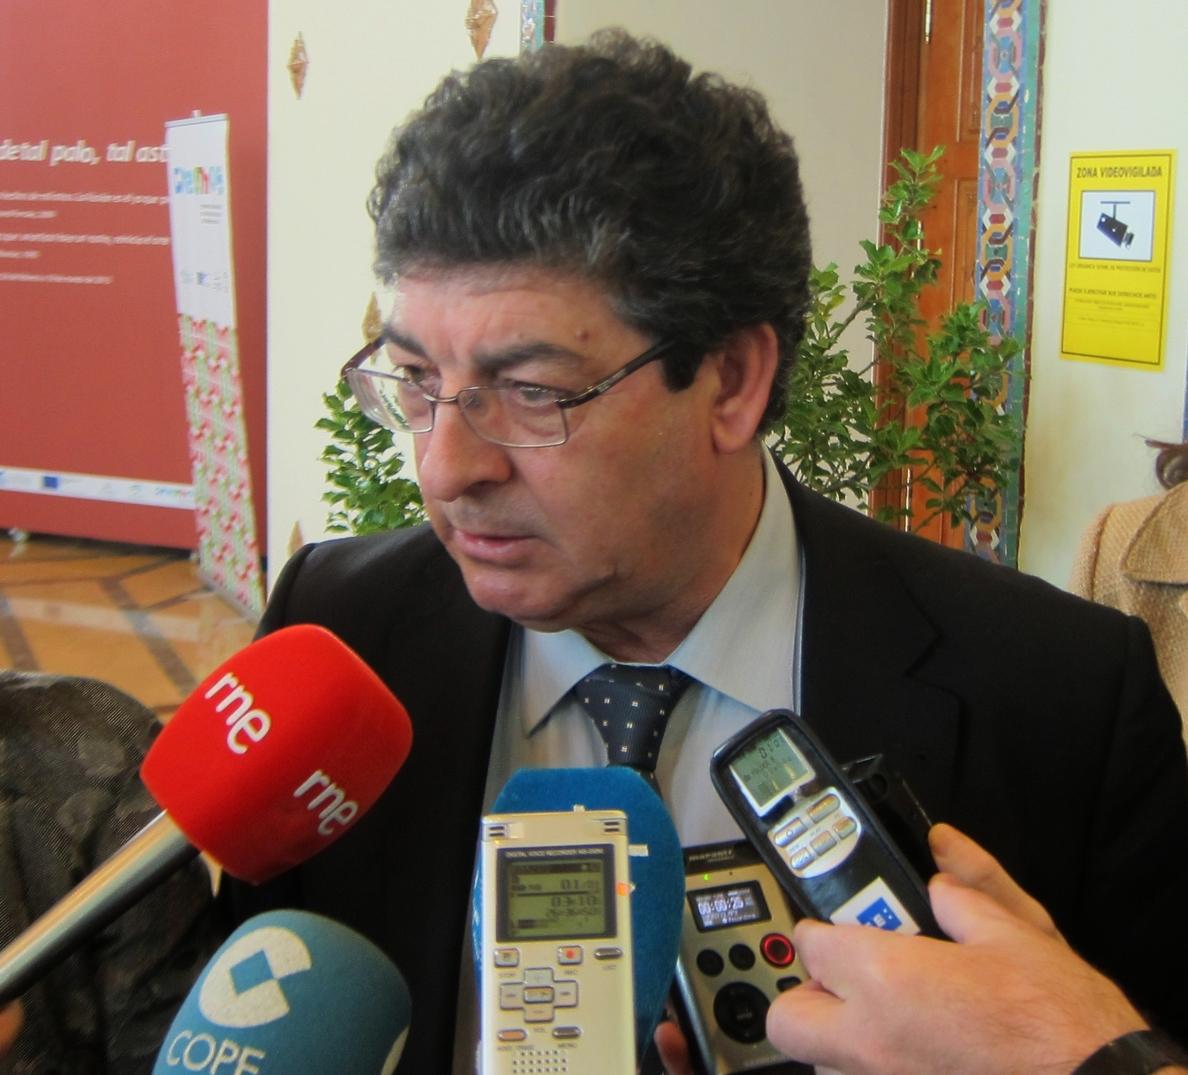 Valderas pide al PP-A que apoye la proposición de ley sobre transexualidad acordada entre PSOE-A e IULV-CA